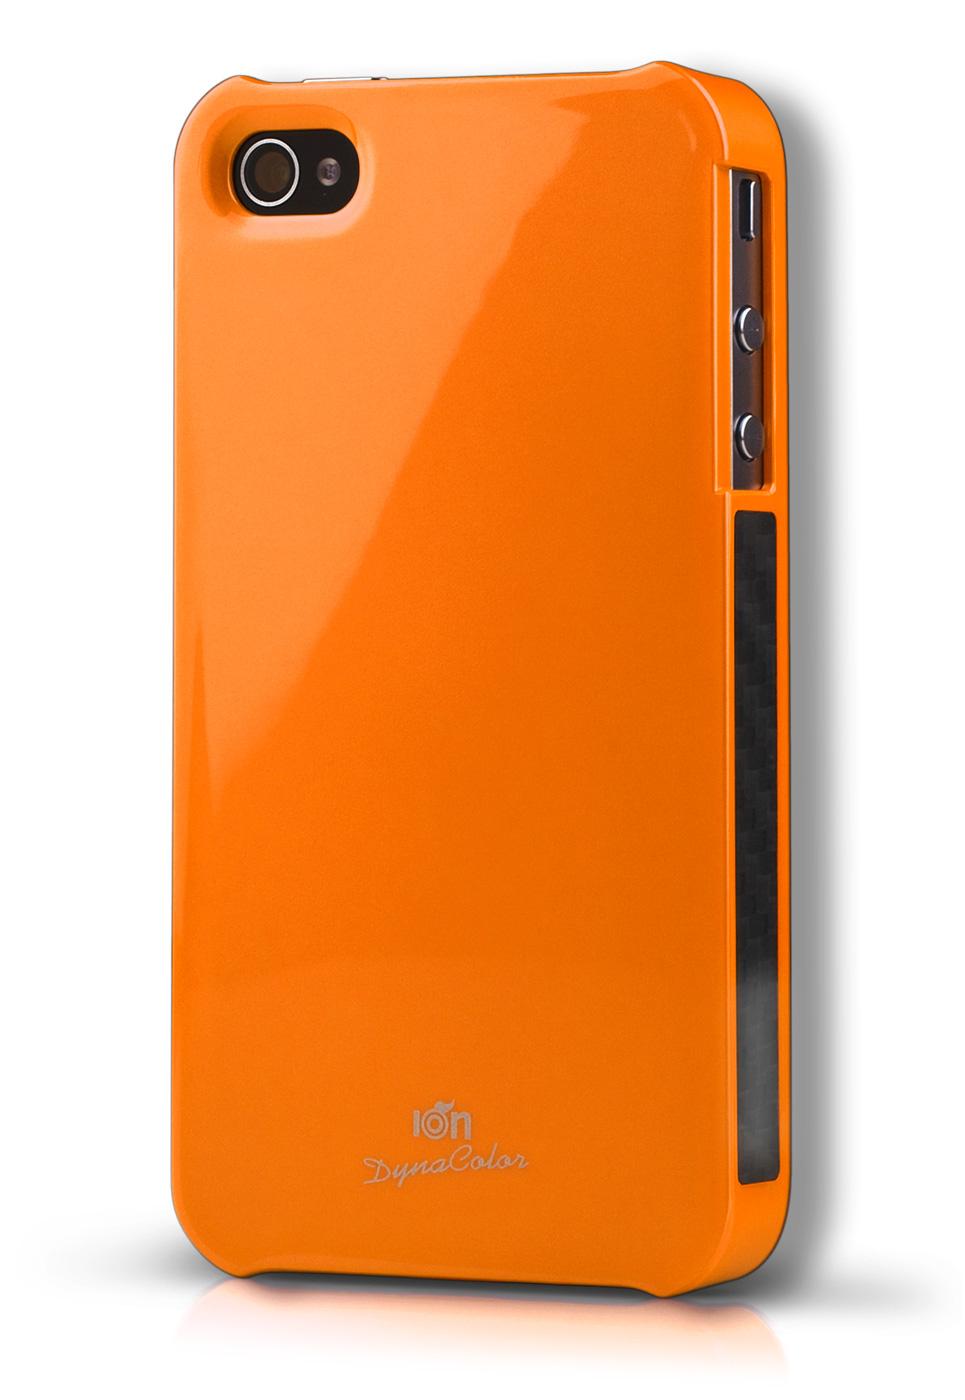 Orange DynaColor Lacquer iPhone 4S Case